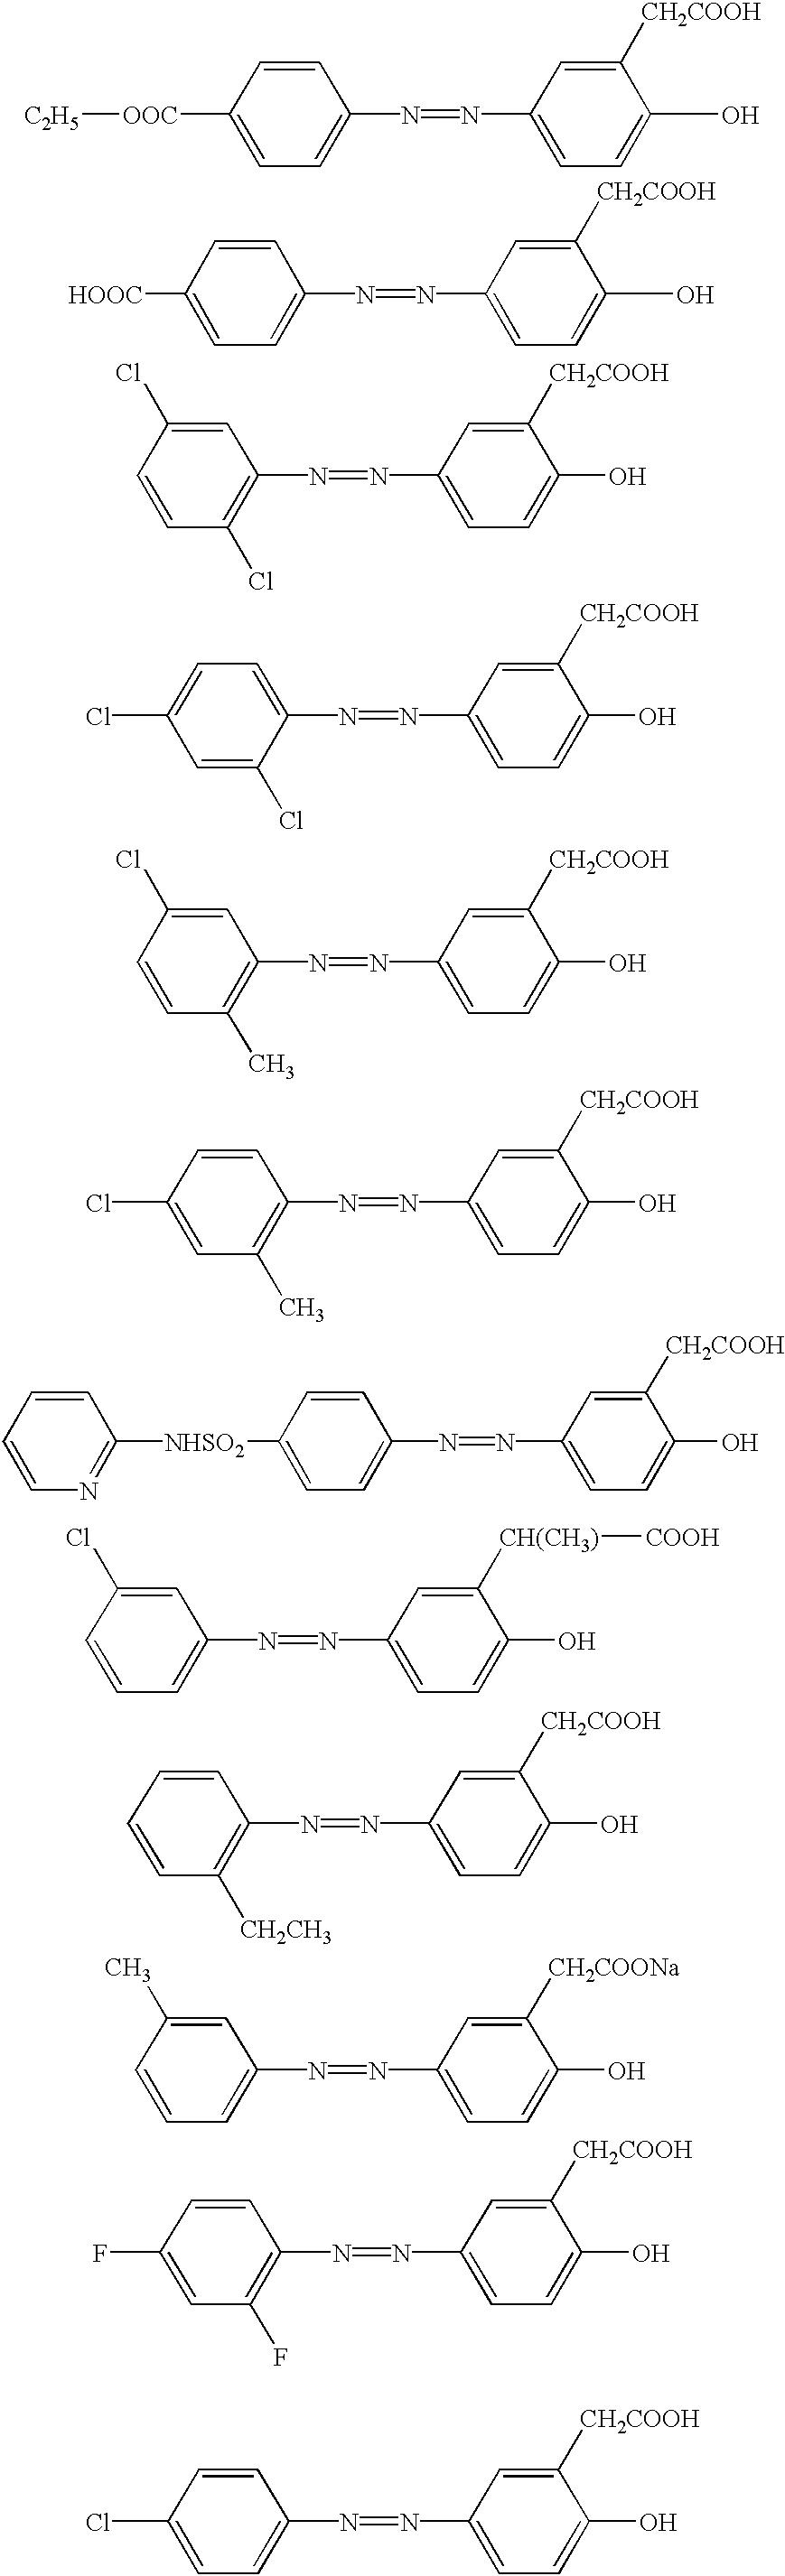 Figure US06593369-20030715-C00010